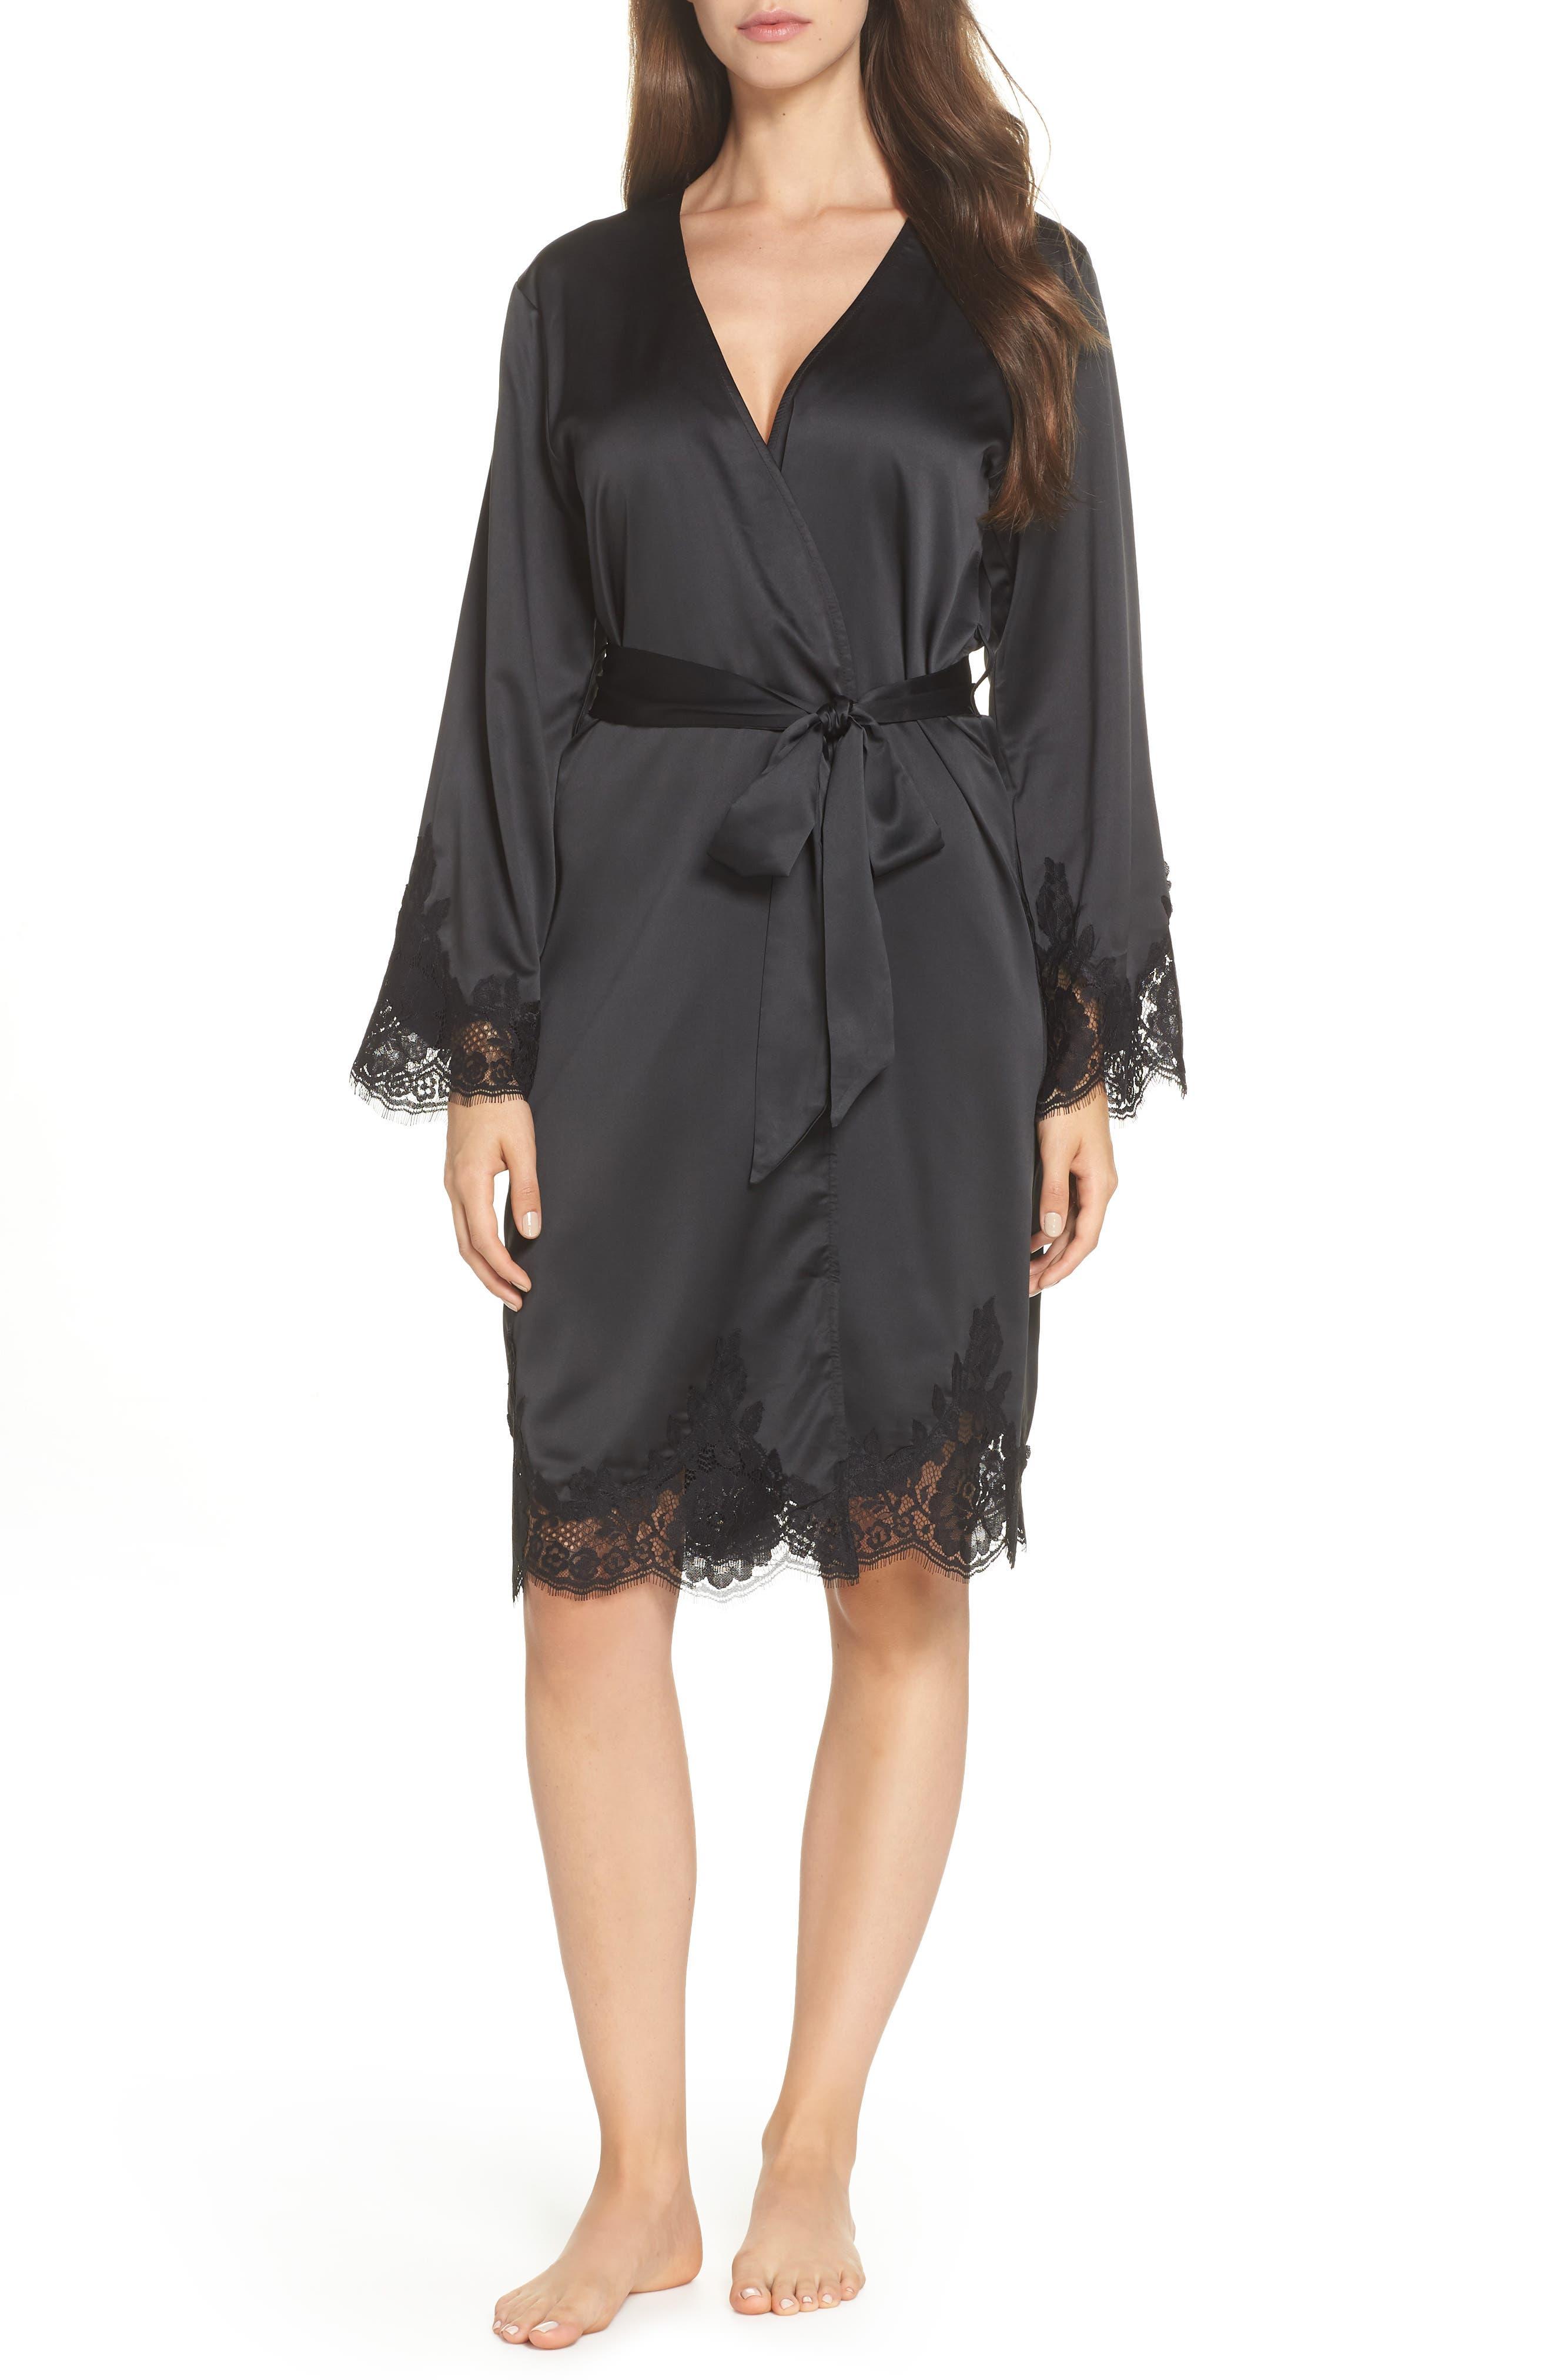 HOMEBODII Olivia Short Robe in Black